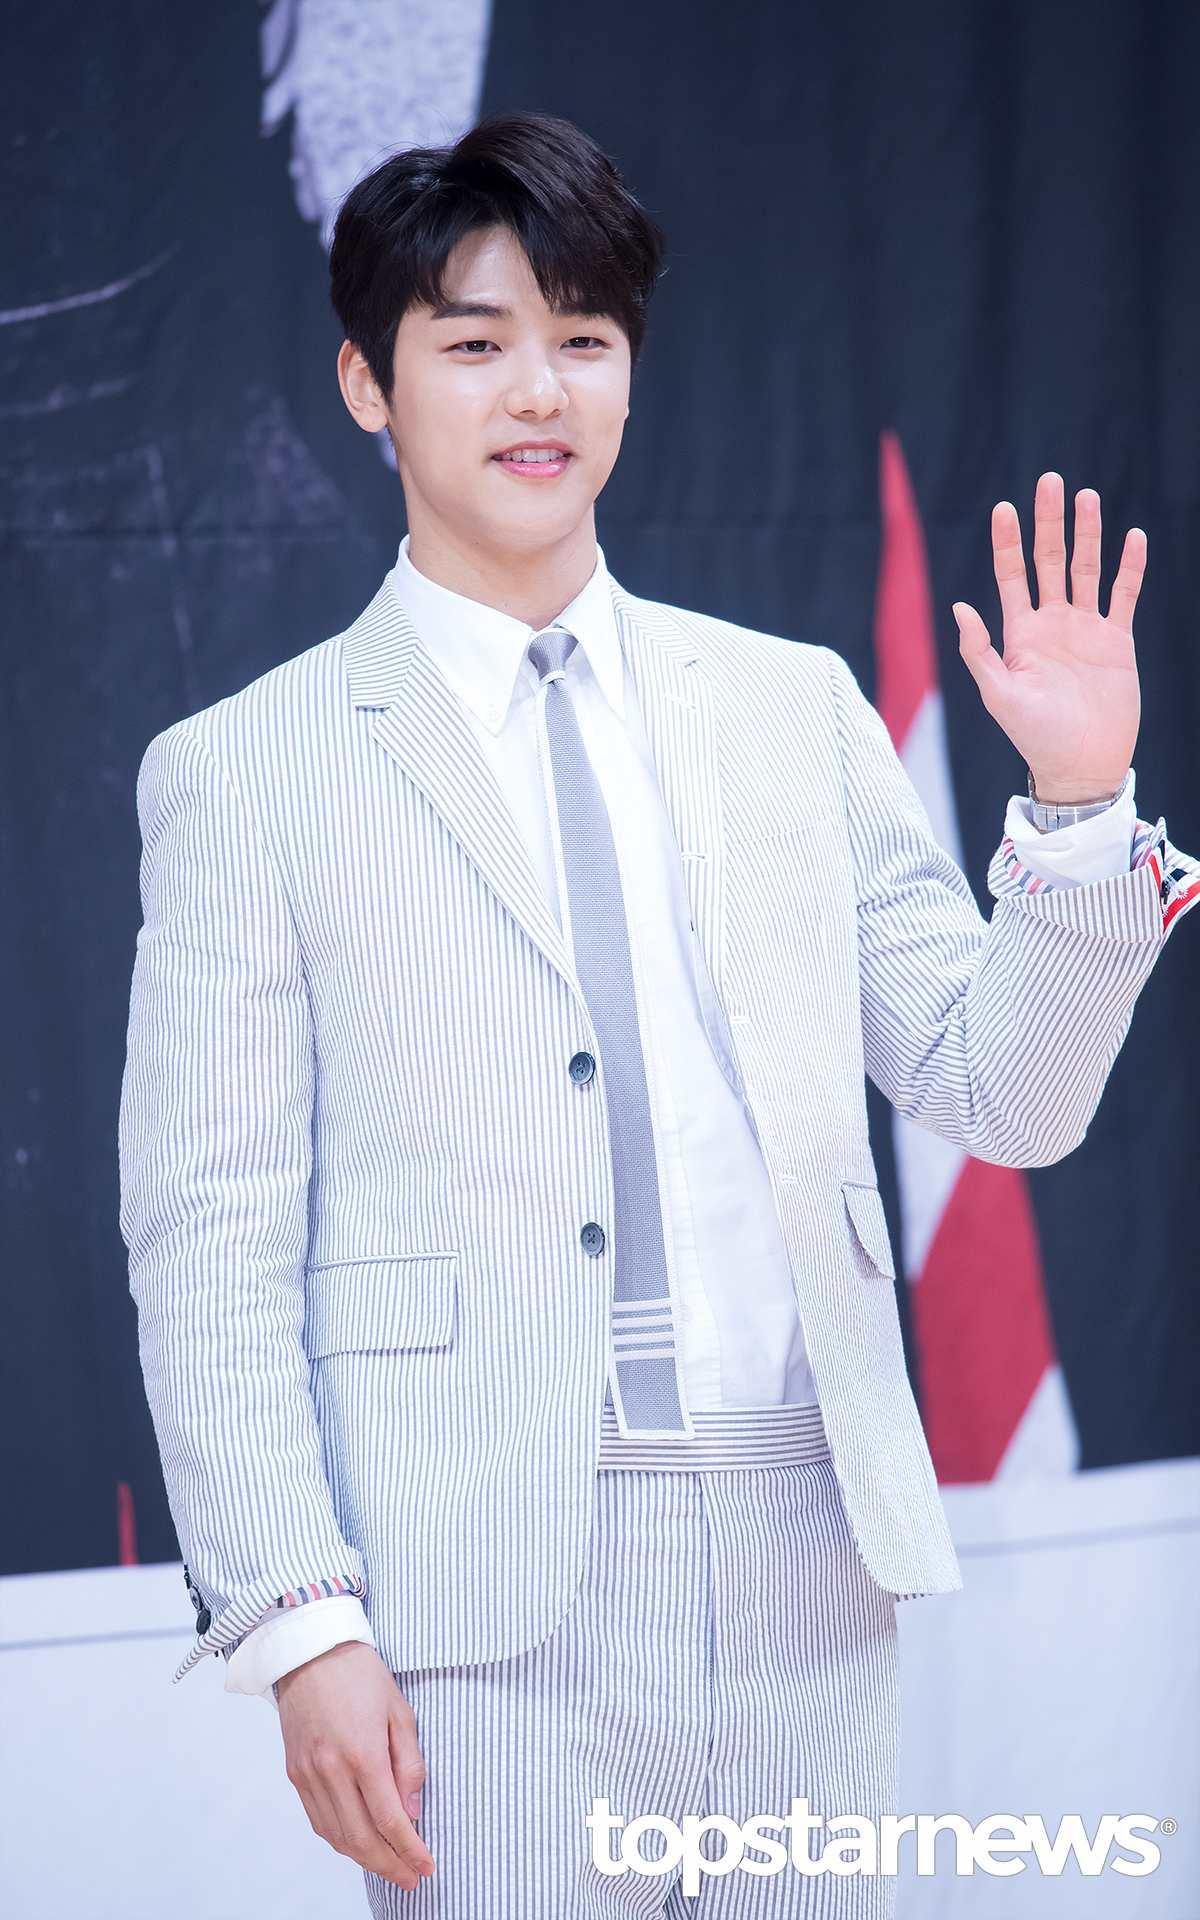 #2 CNBLUE 本名:Kang Min Hyuk(姜敏赫) 生日:1991年6月28日